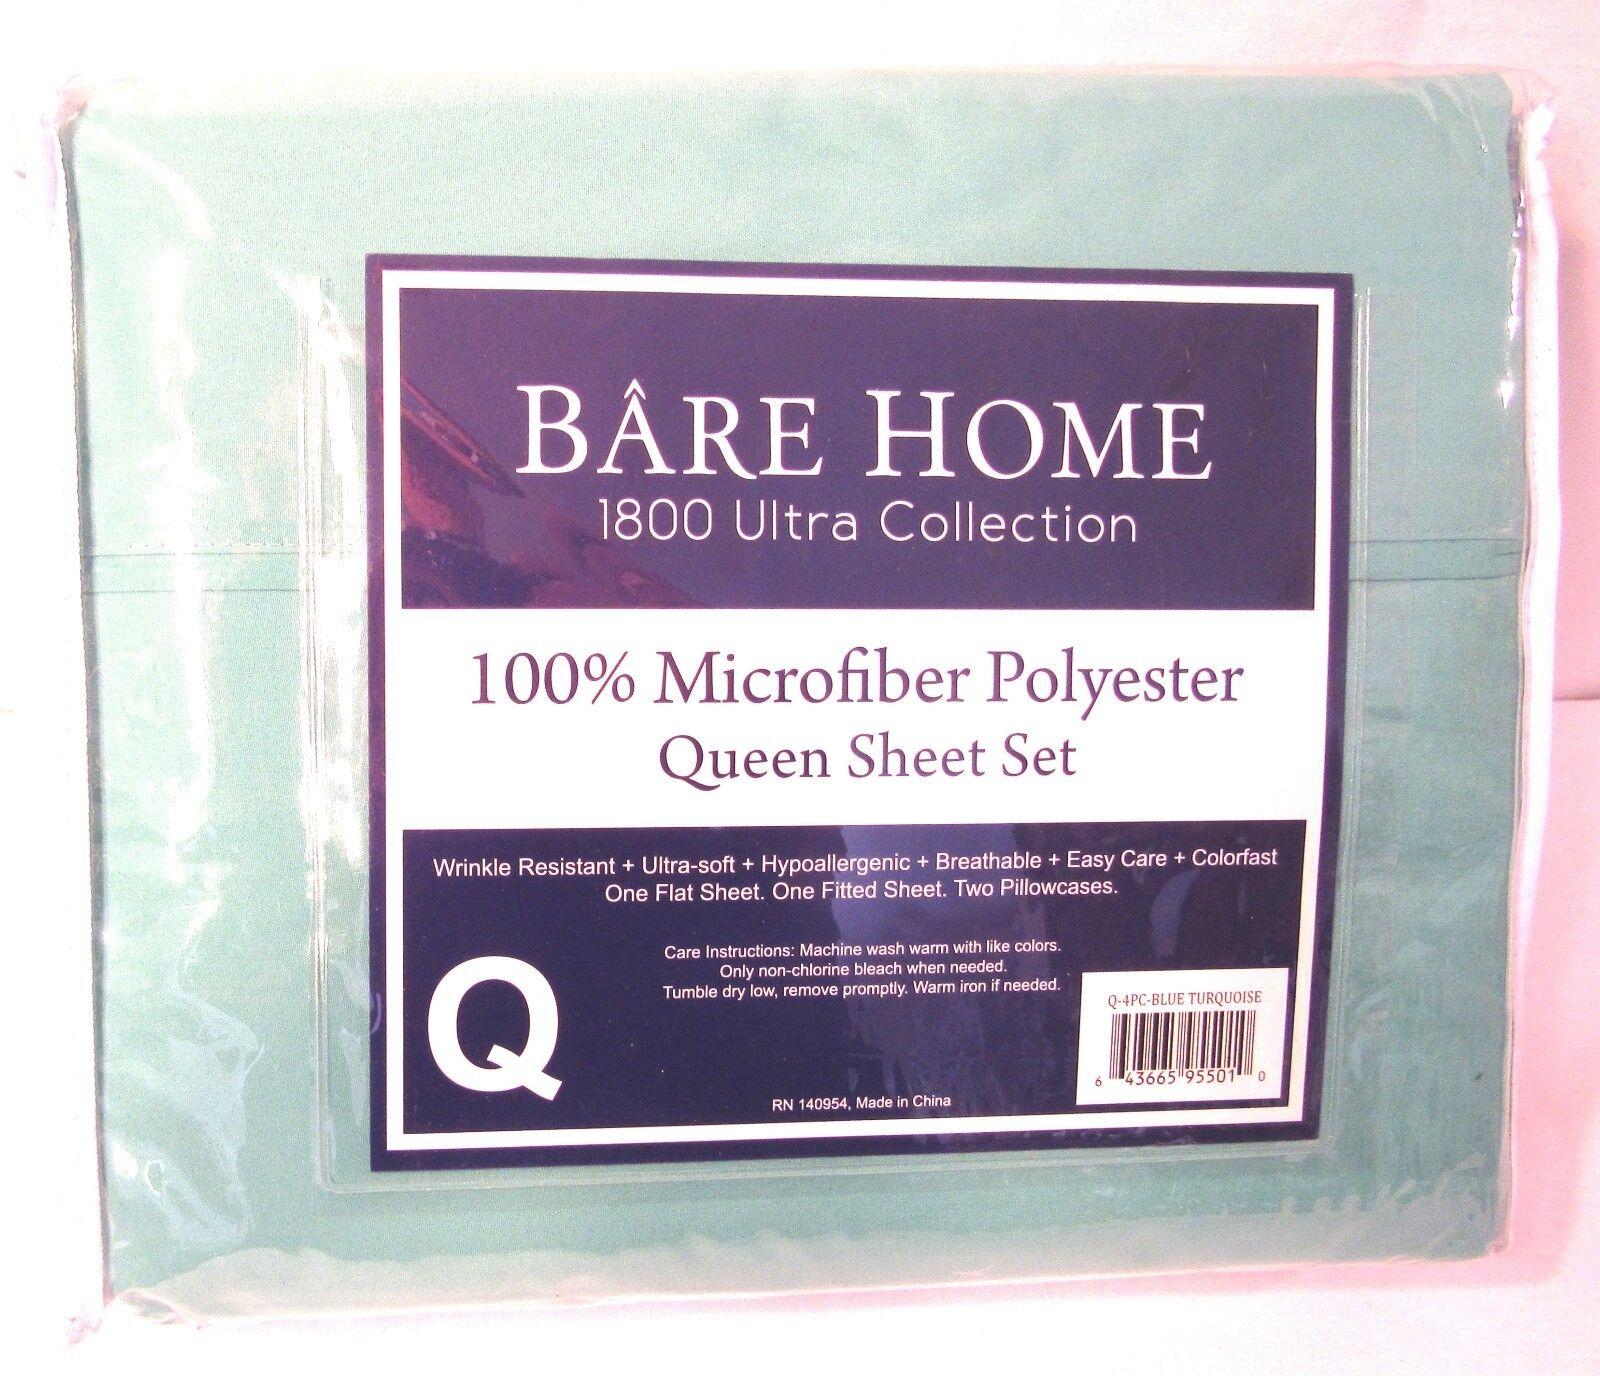 Bare Home Premium - Queen Size Sheets - 1800 Ultra-Soft Micr